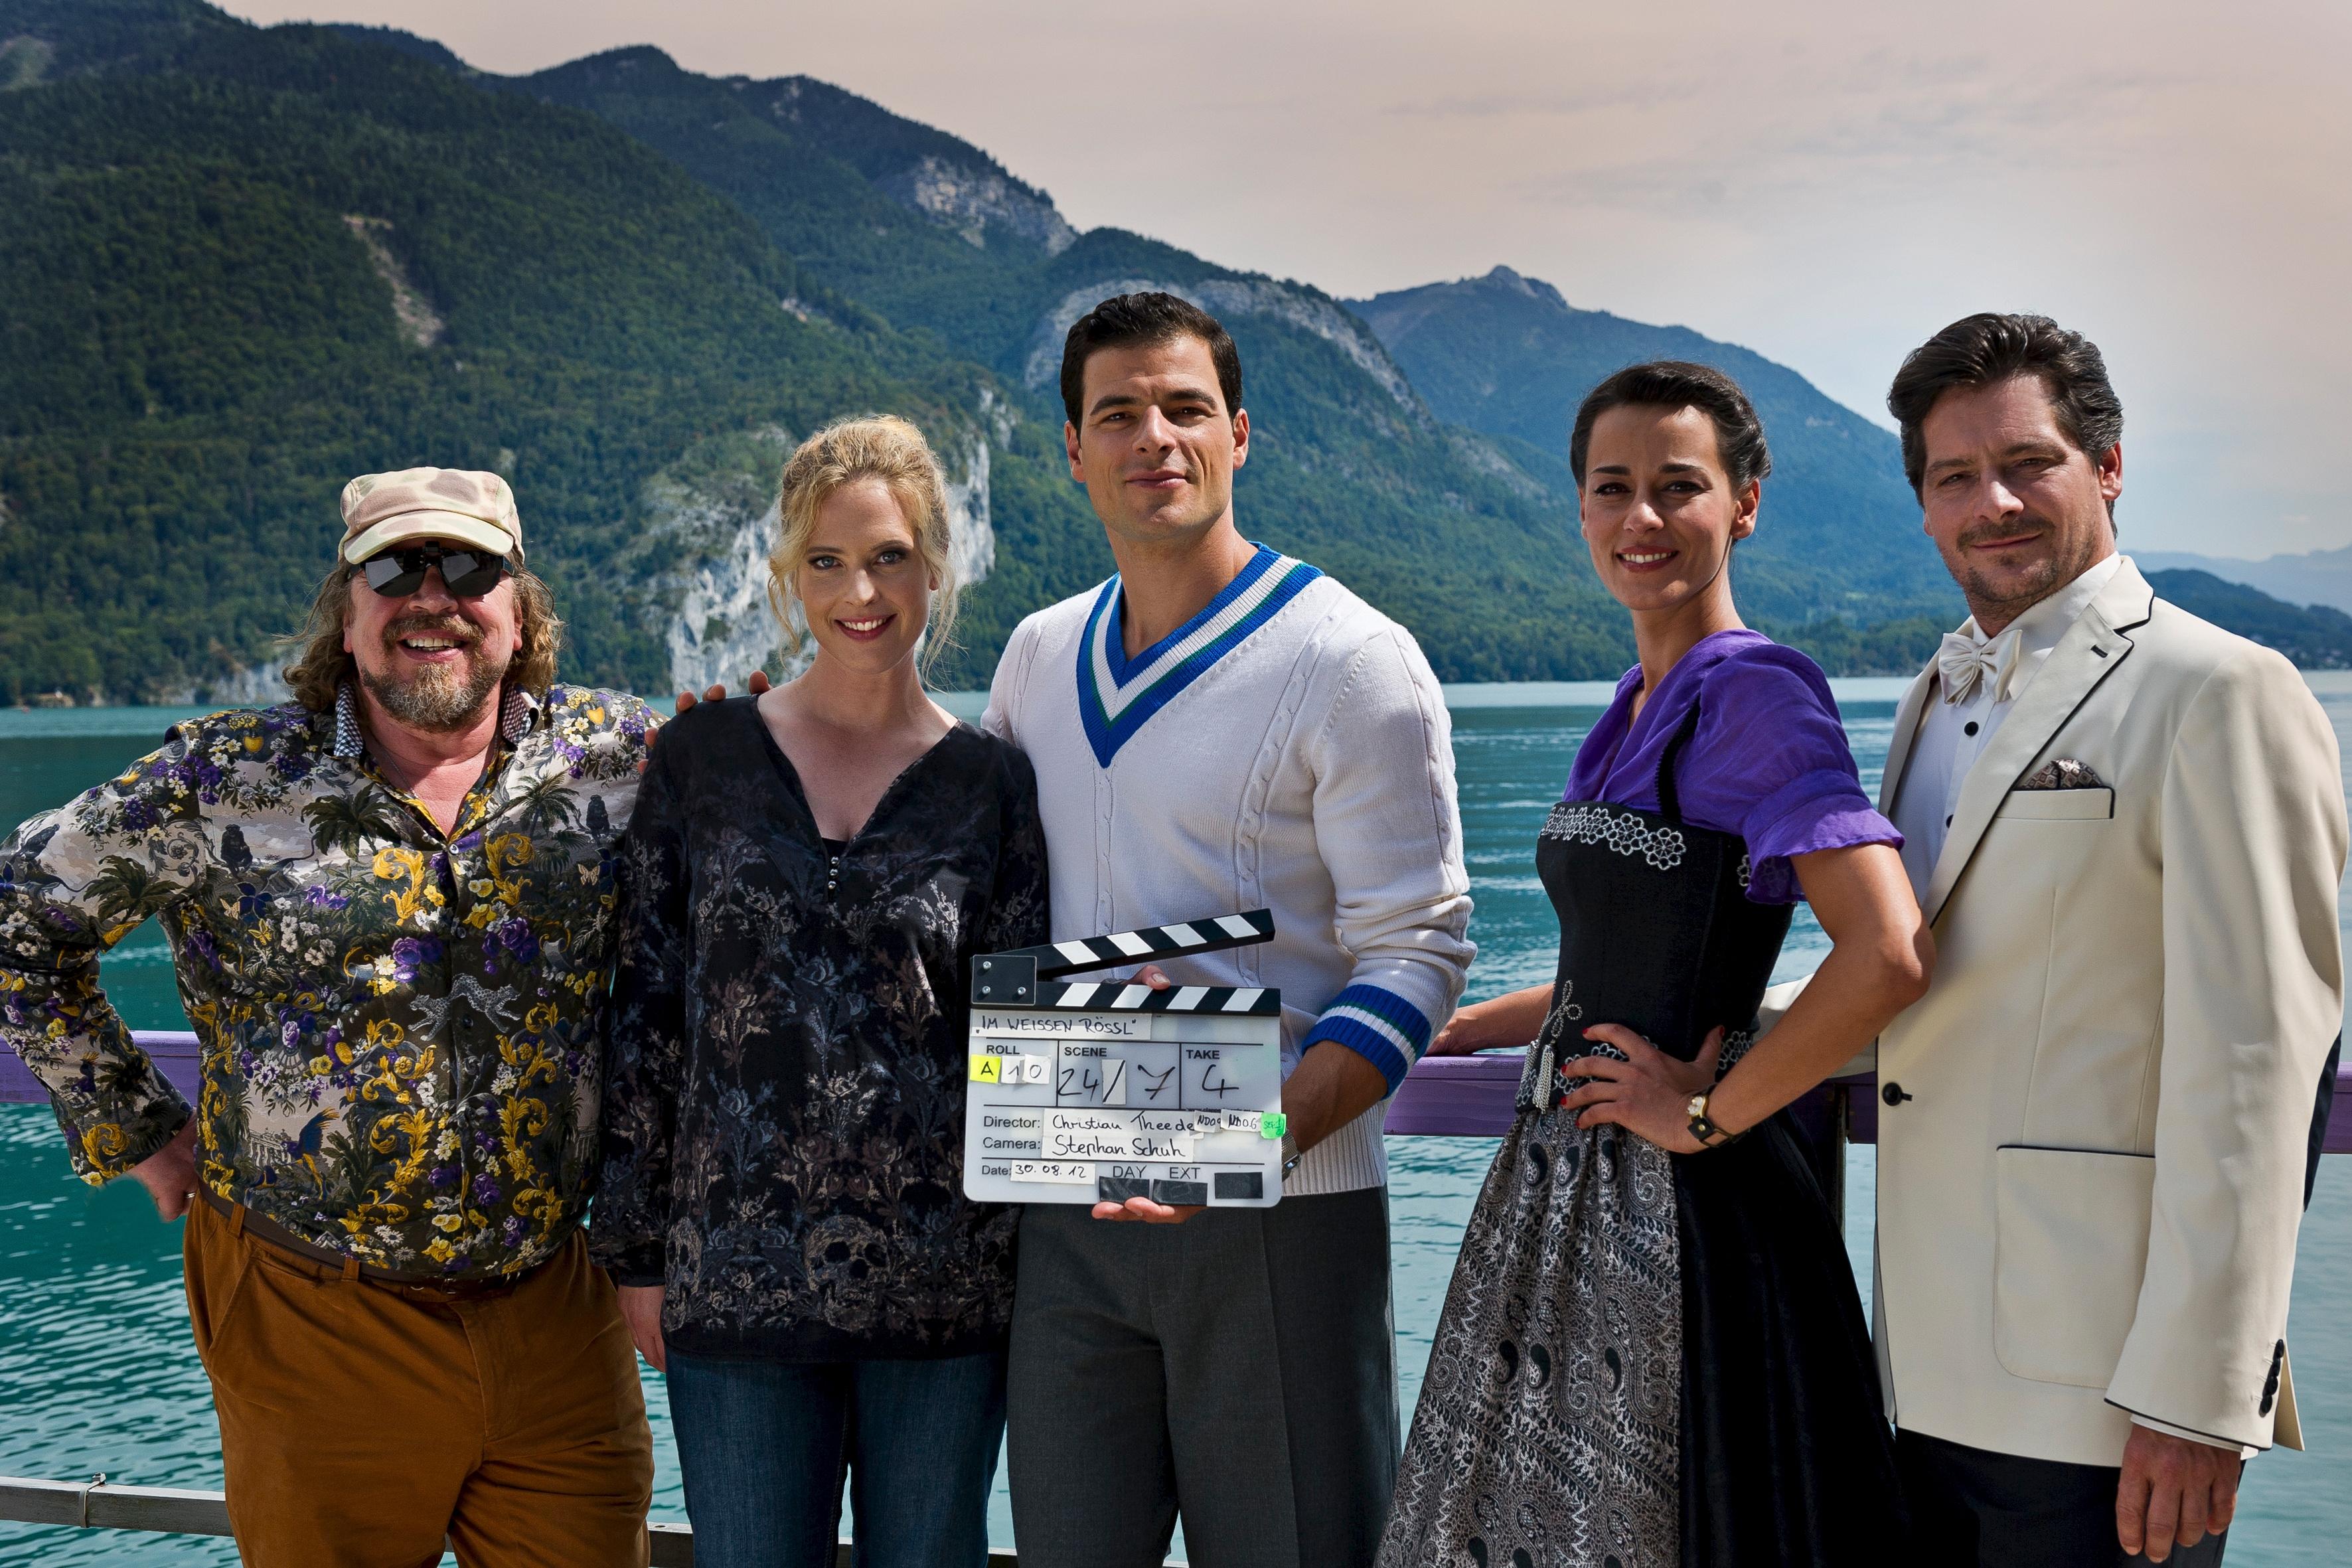 """Topbesetzung für Kino-Neuverfilmung vom """"Im weissen Rössl"""": Armin Rohde, Diana Amft, Tobias Licht, Edita Malovcic, Fritz Karl (Foto: ZDF/Toni Muhr)"""